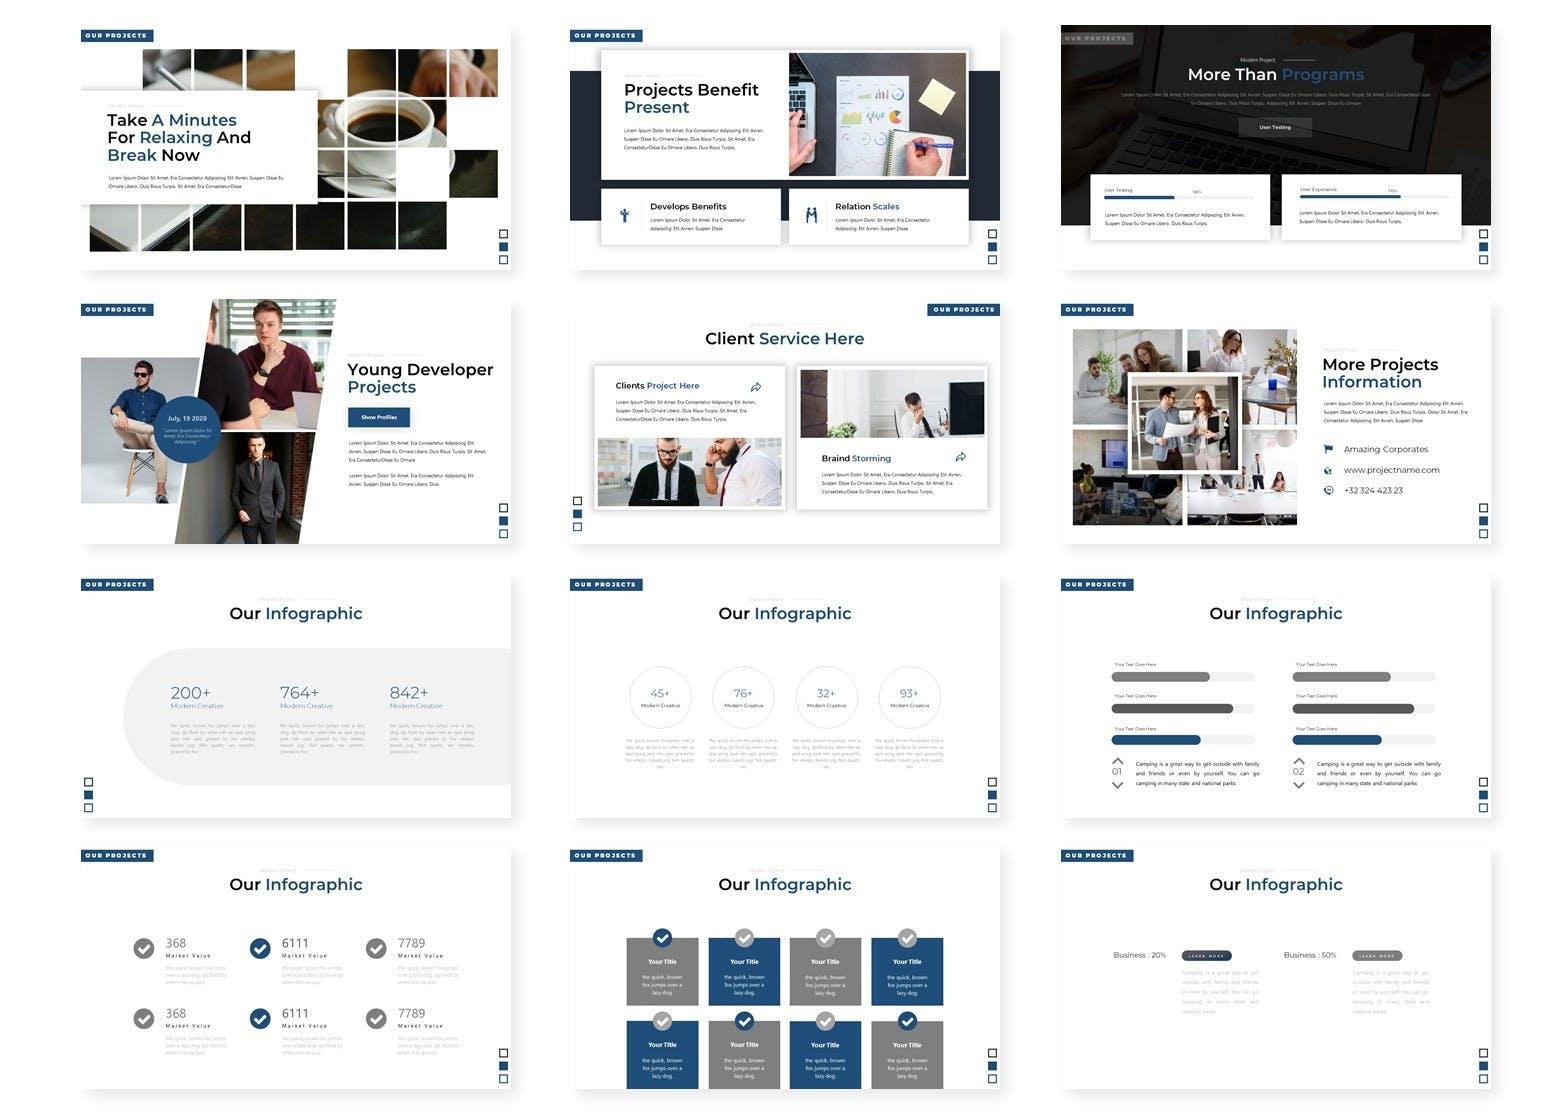 简洁白色背景商务会议演讲PPT模板 Dicodingno – Presentation Template设计素材模板